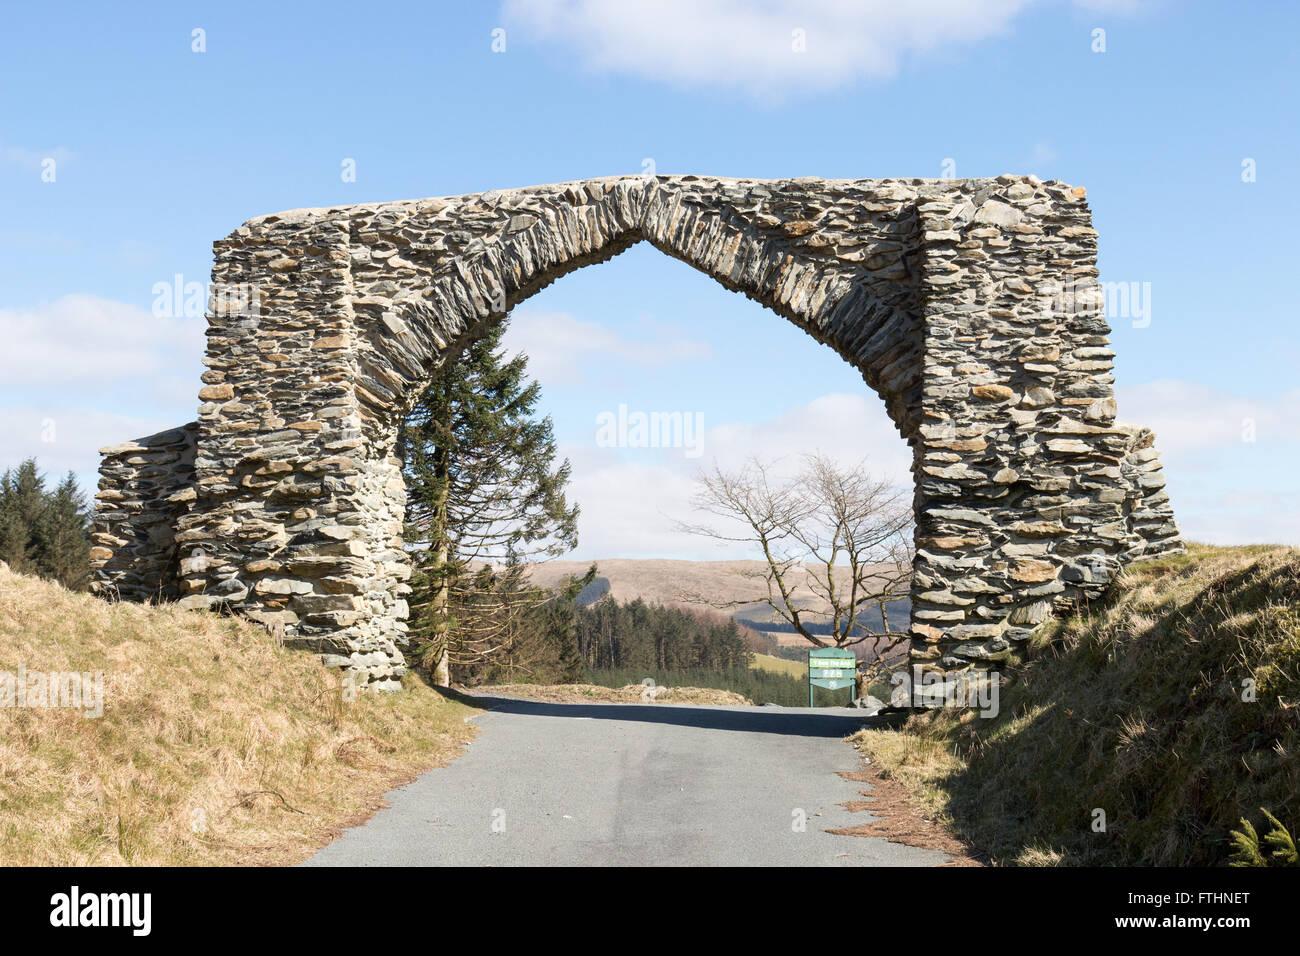 The Arch near Devil's Bridge - Stock Image